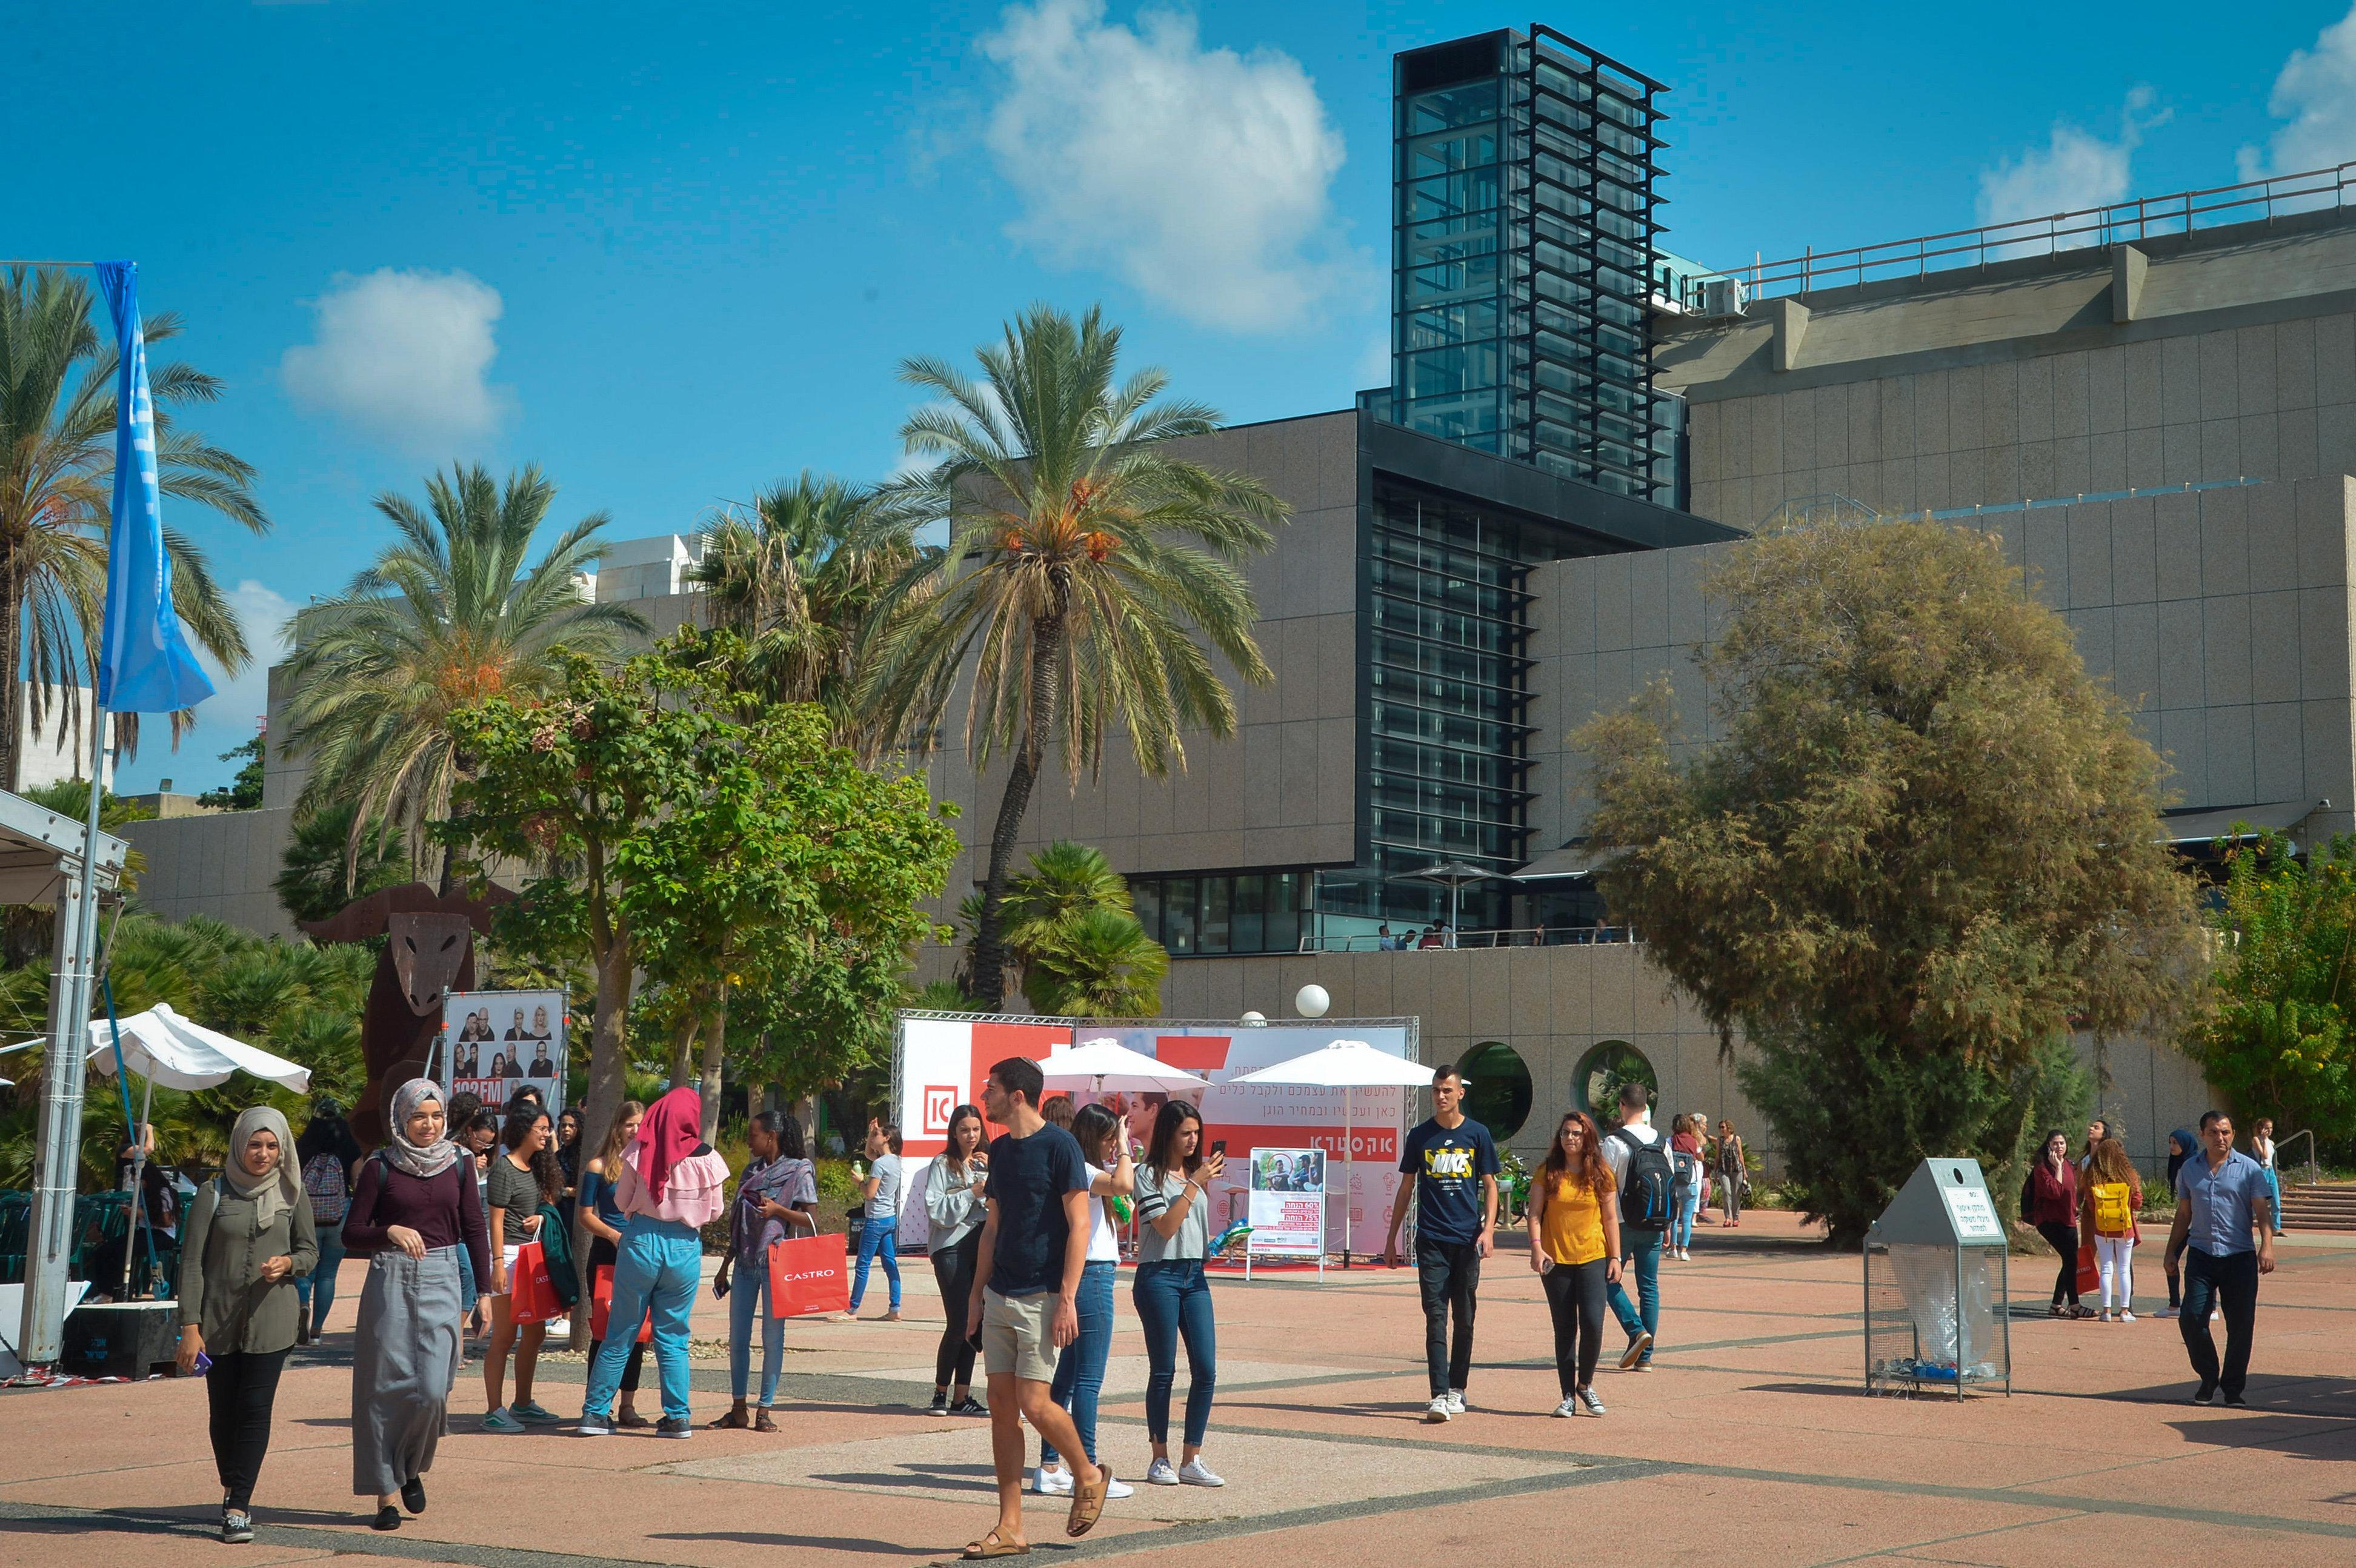 סטודנטים באוניברסיטת תל אביב (אילוסטרציה). צילום: פלאש 90